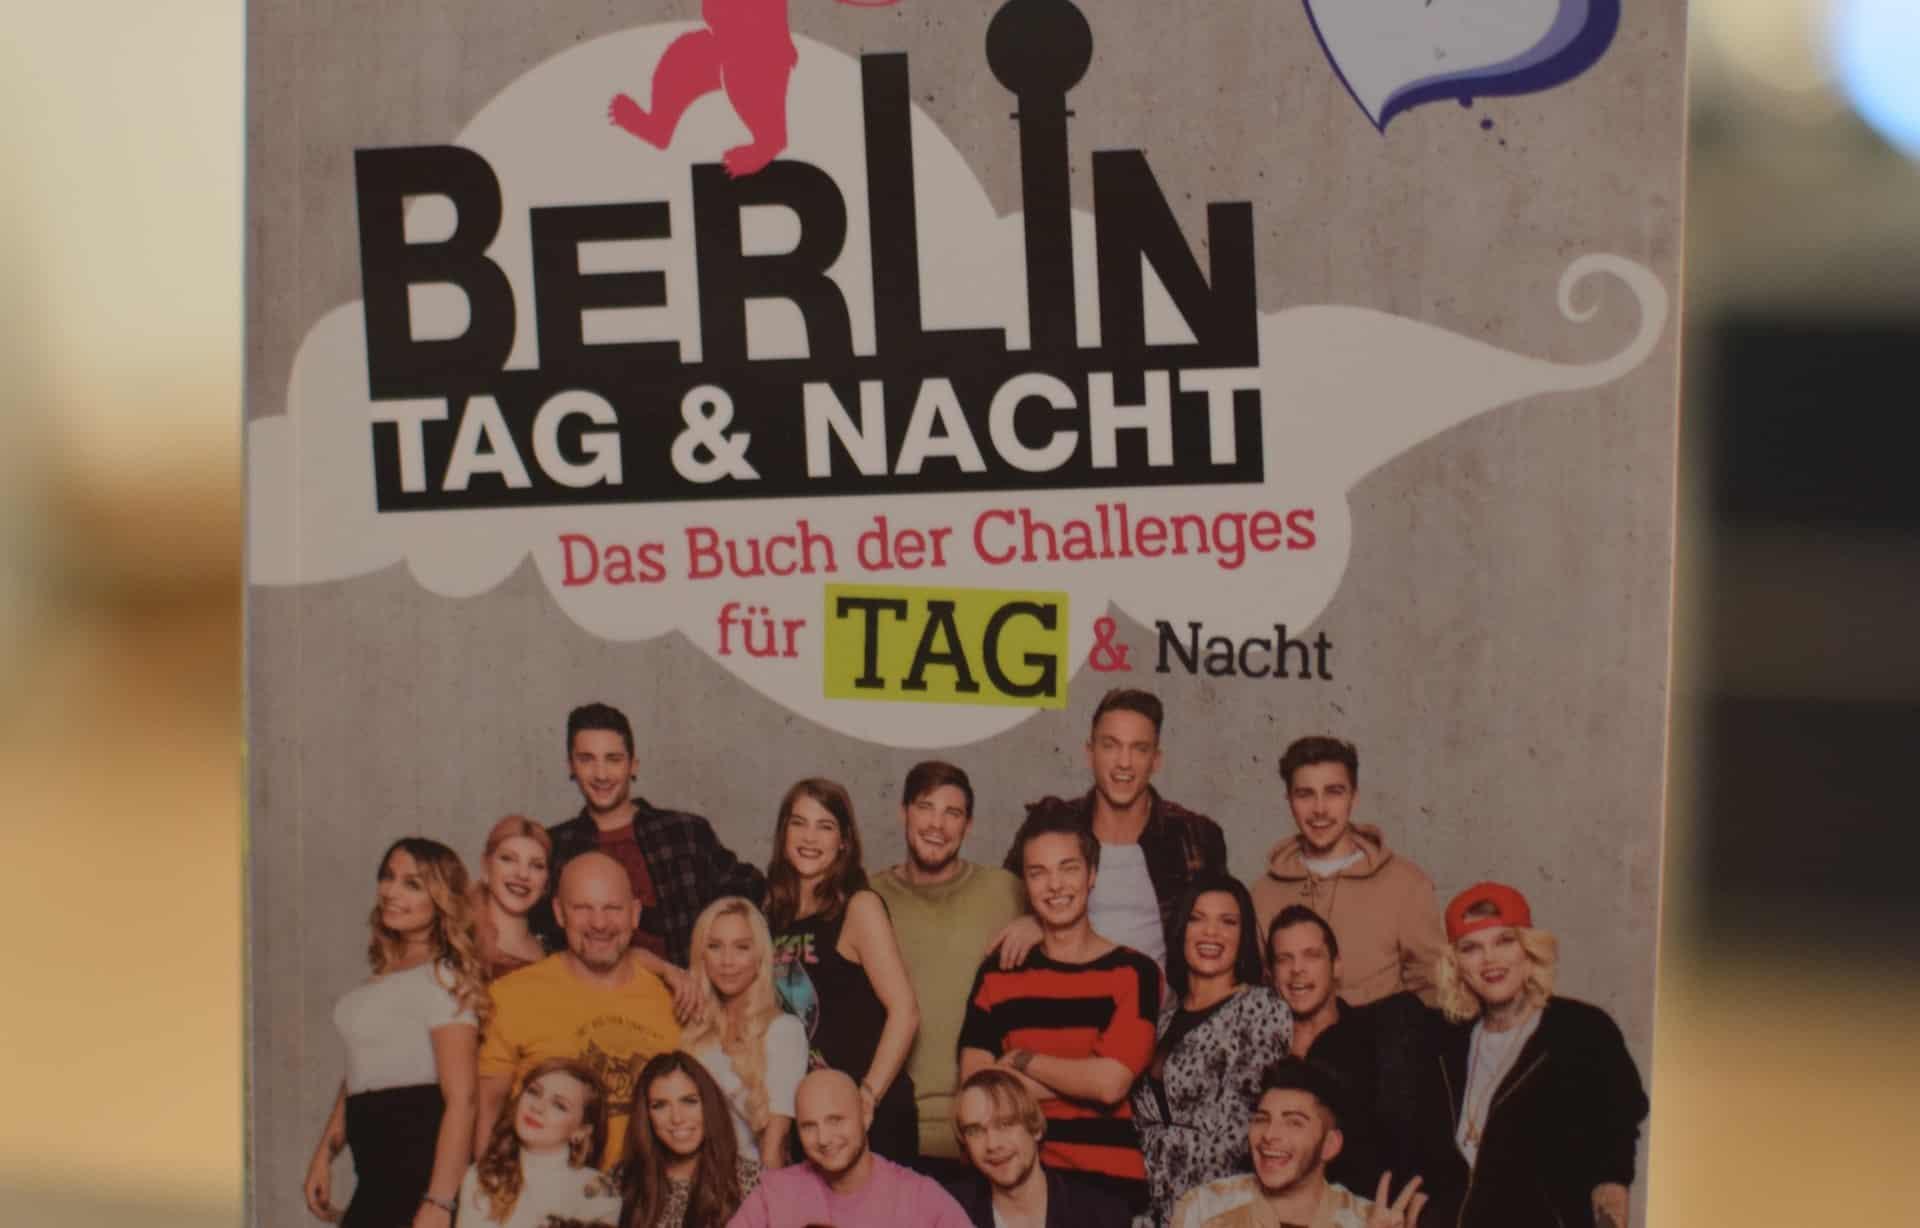 Berlin Tag und Nacht Das Buch der Challenges